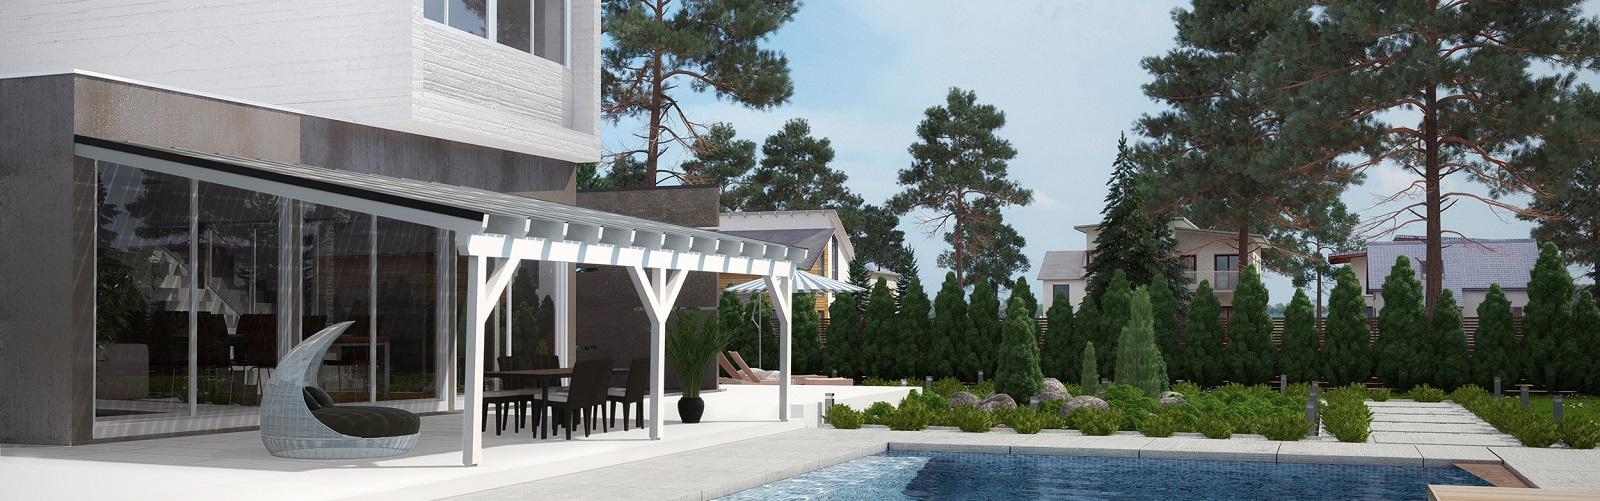 terrassen berdachung mit solar verschattung stromerzeugung witterungsschutz premium. Black Bedroom Furniture Sets. Home Design Ideas